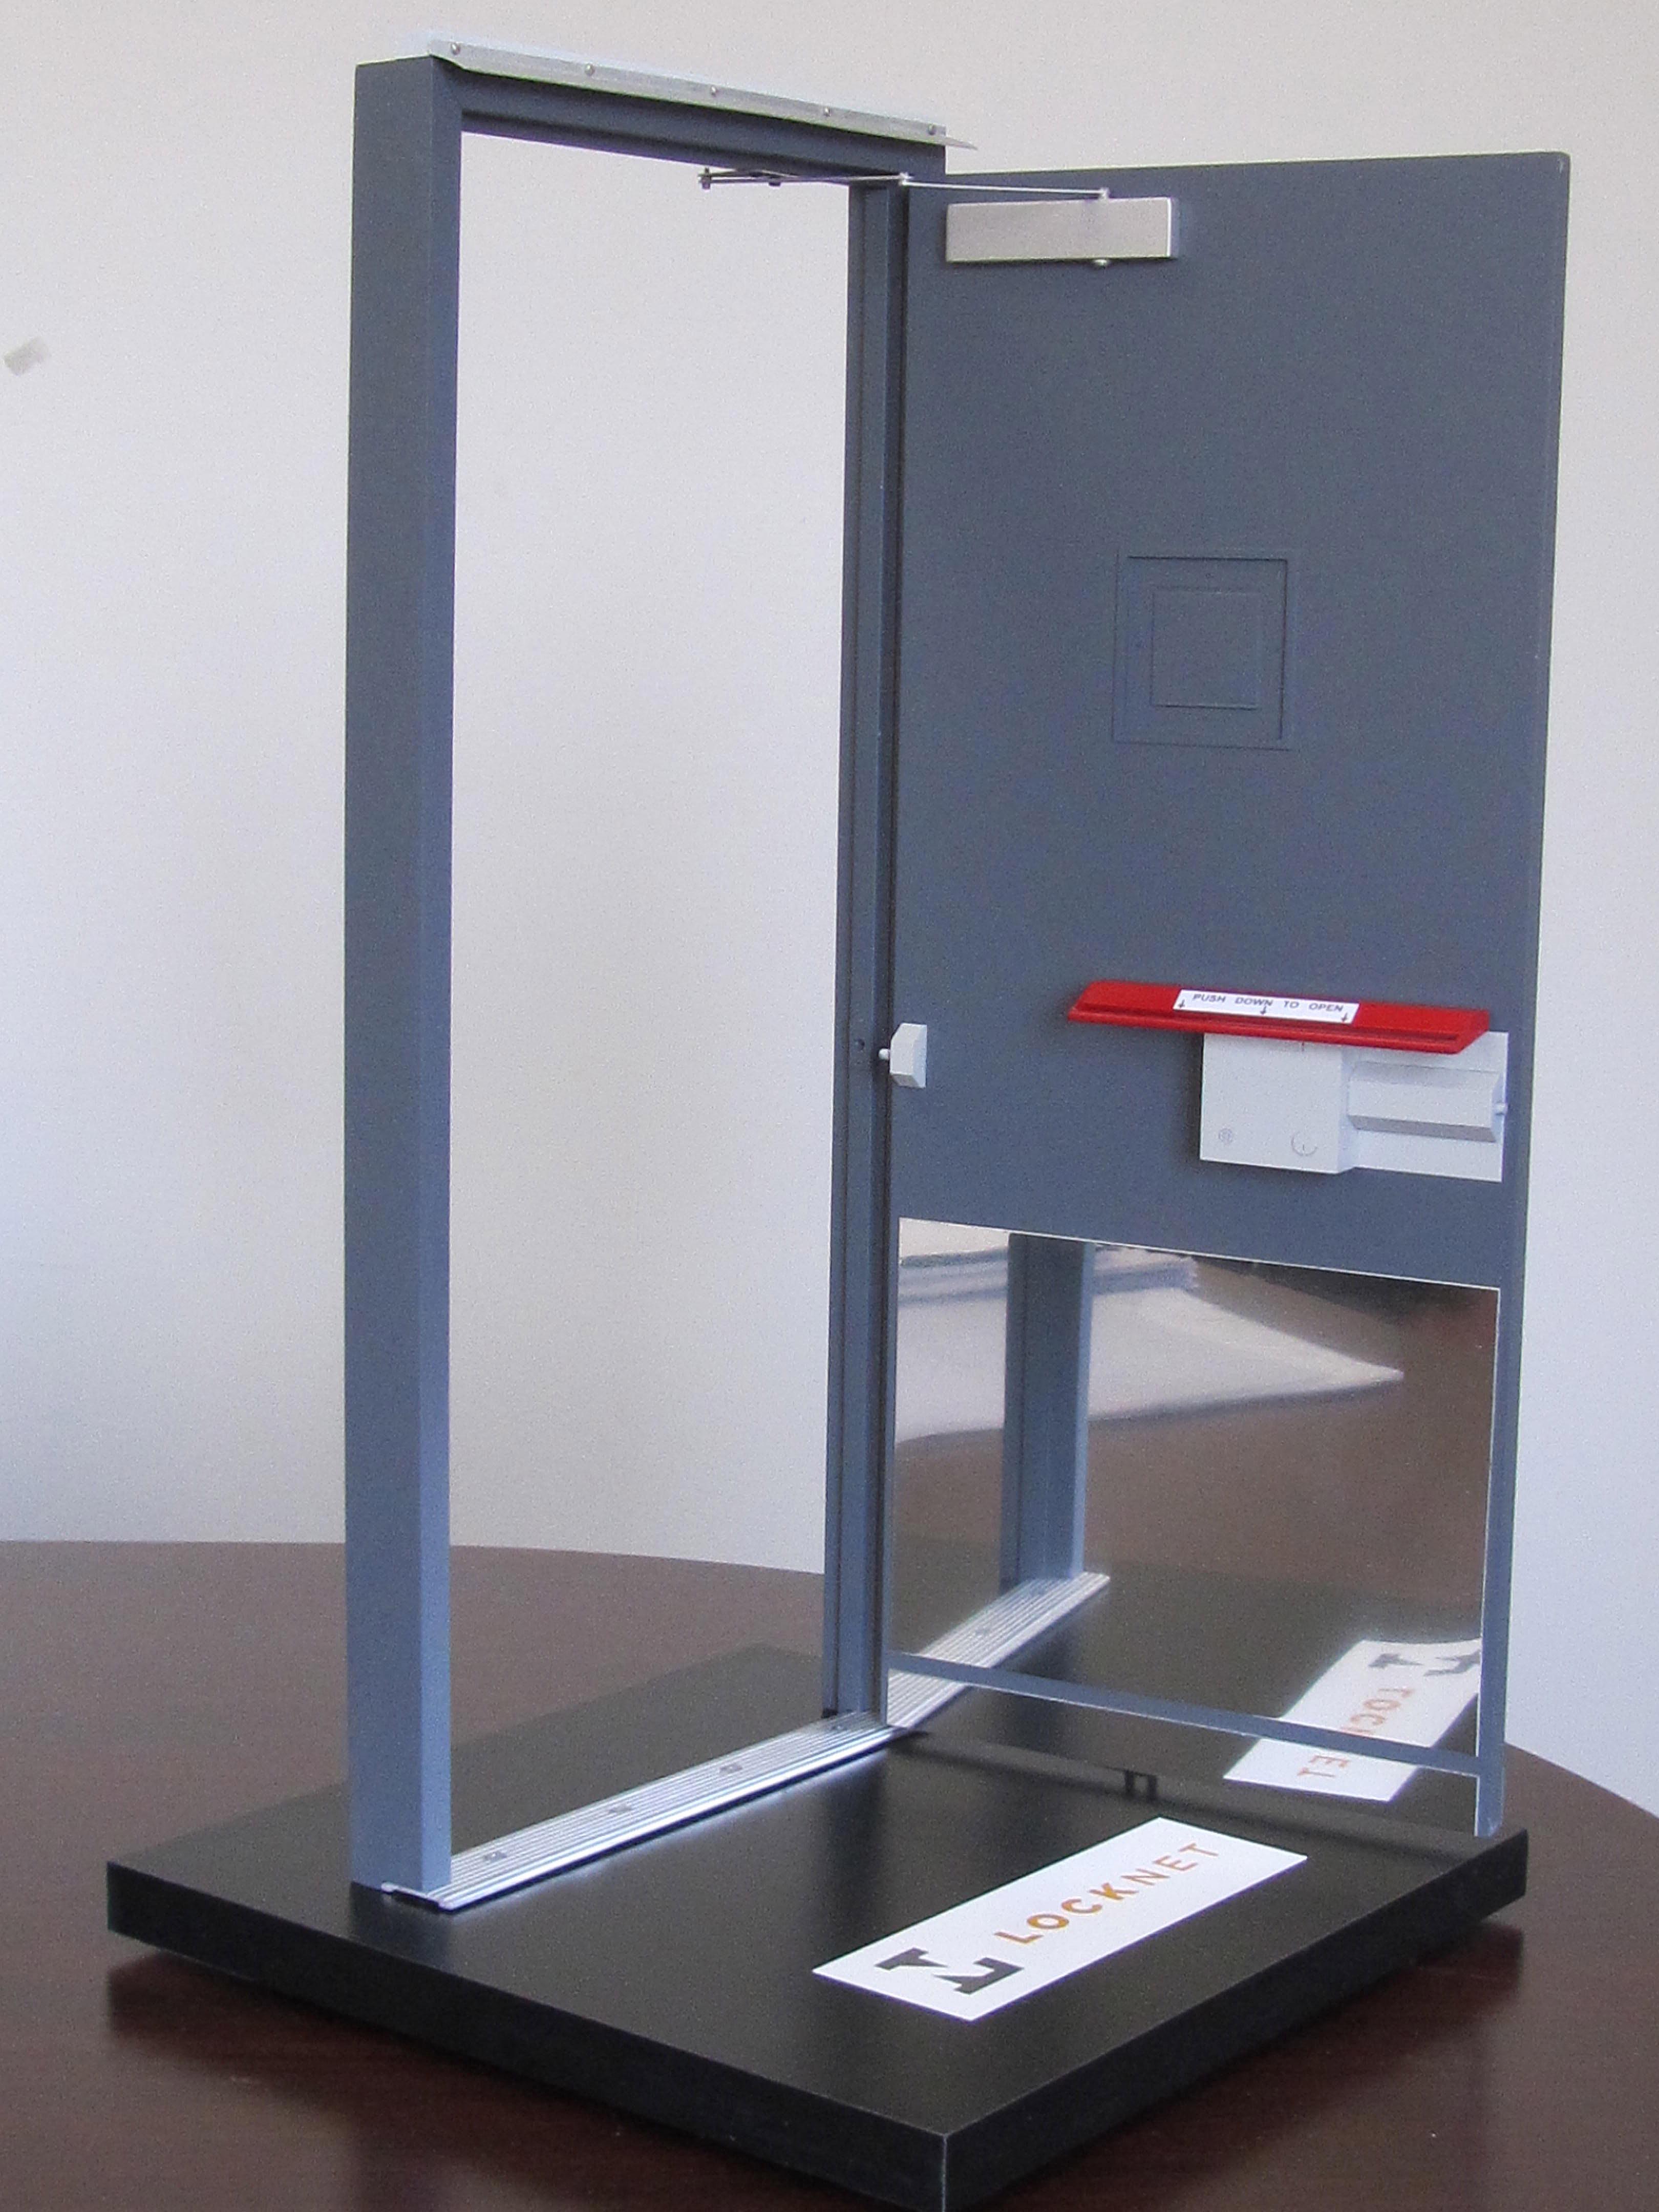 Working door model